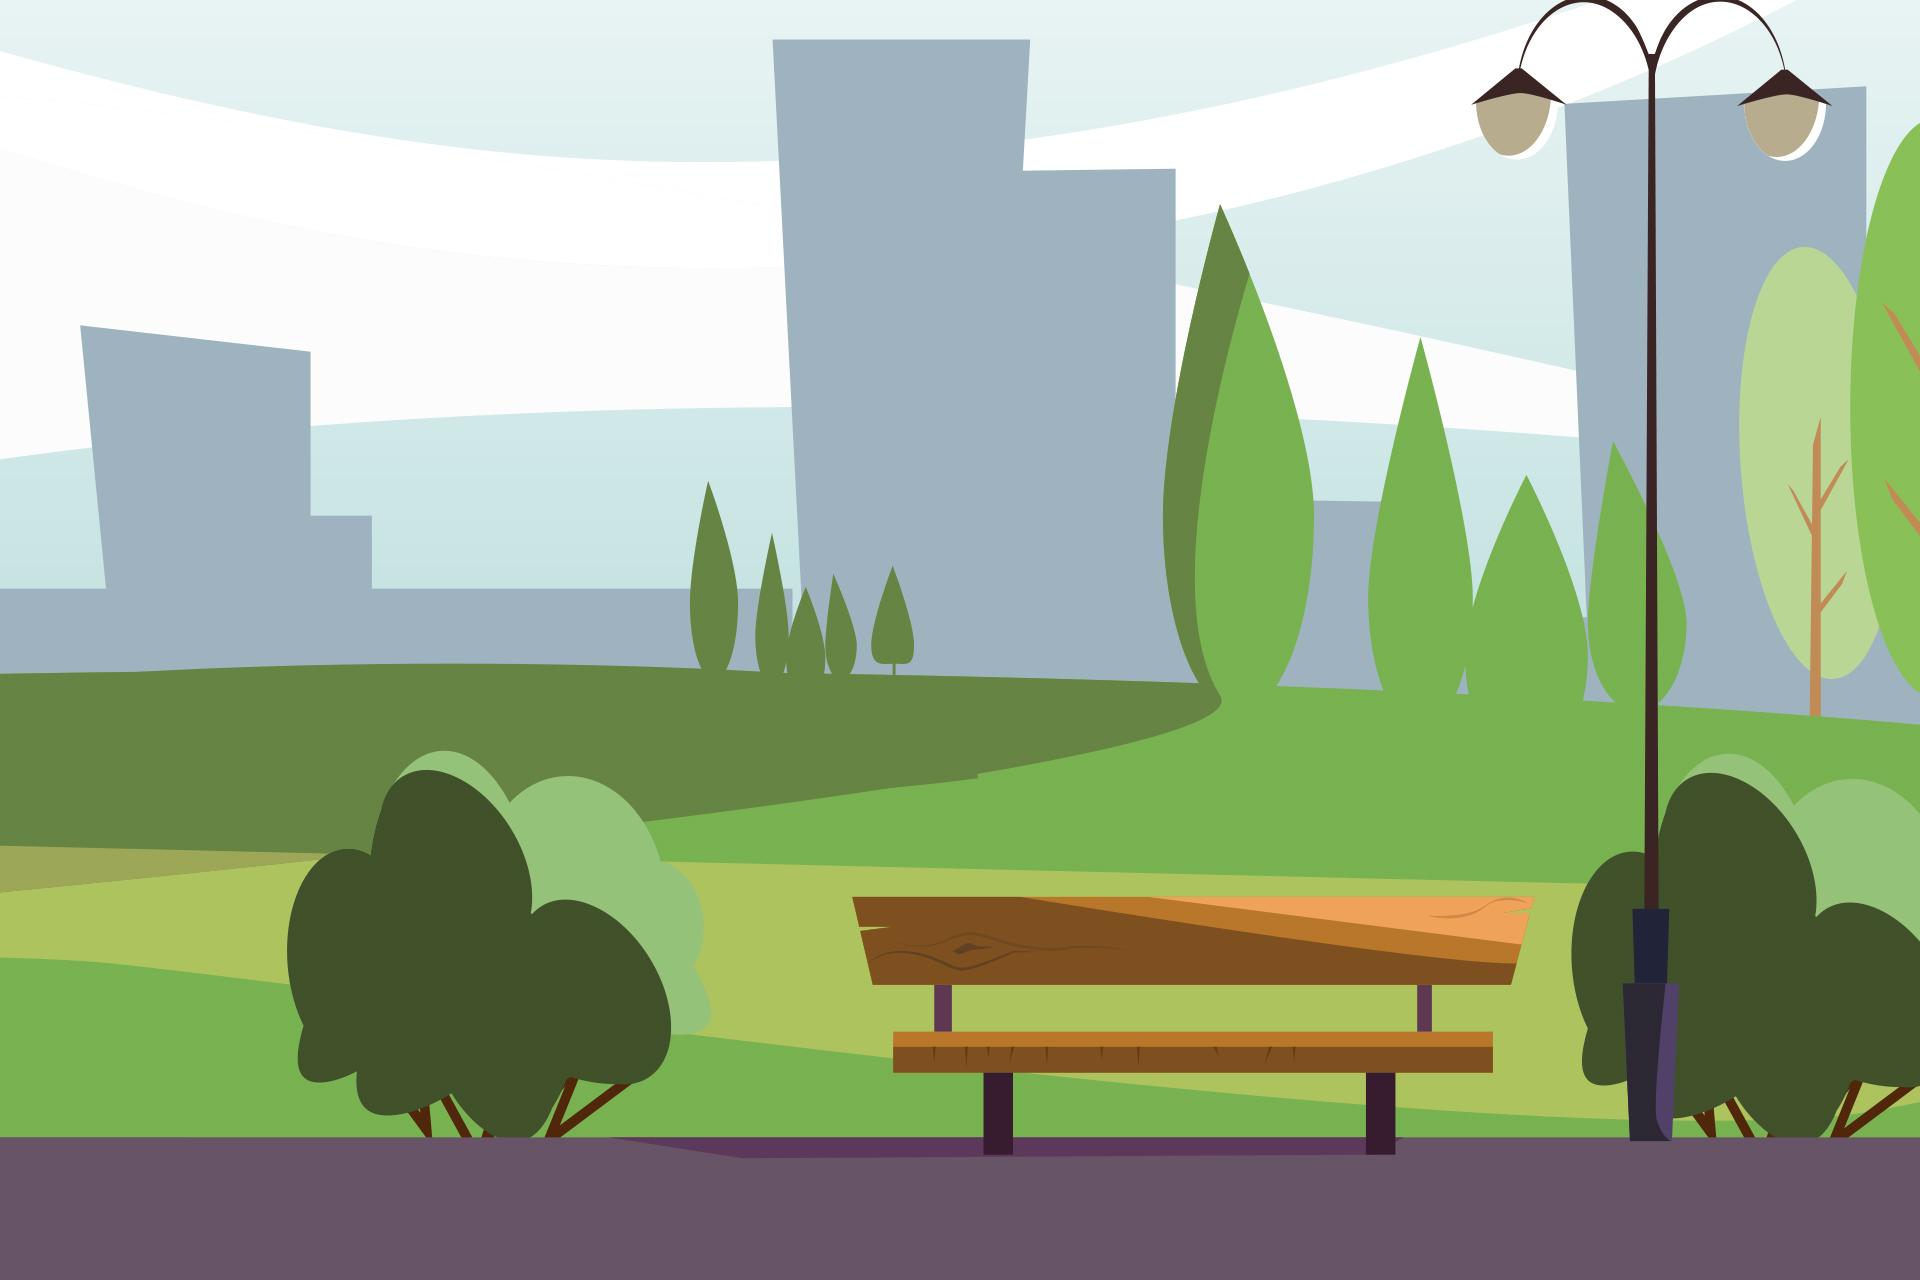 Jornada Iberflora 2019: Herramientas Para Mejorar La Gestión De La Infraestructura Verde Urbana